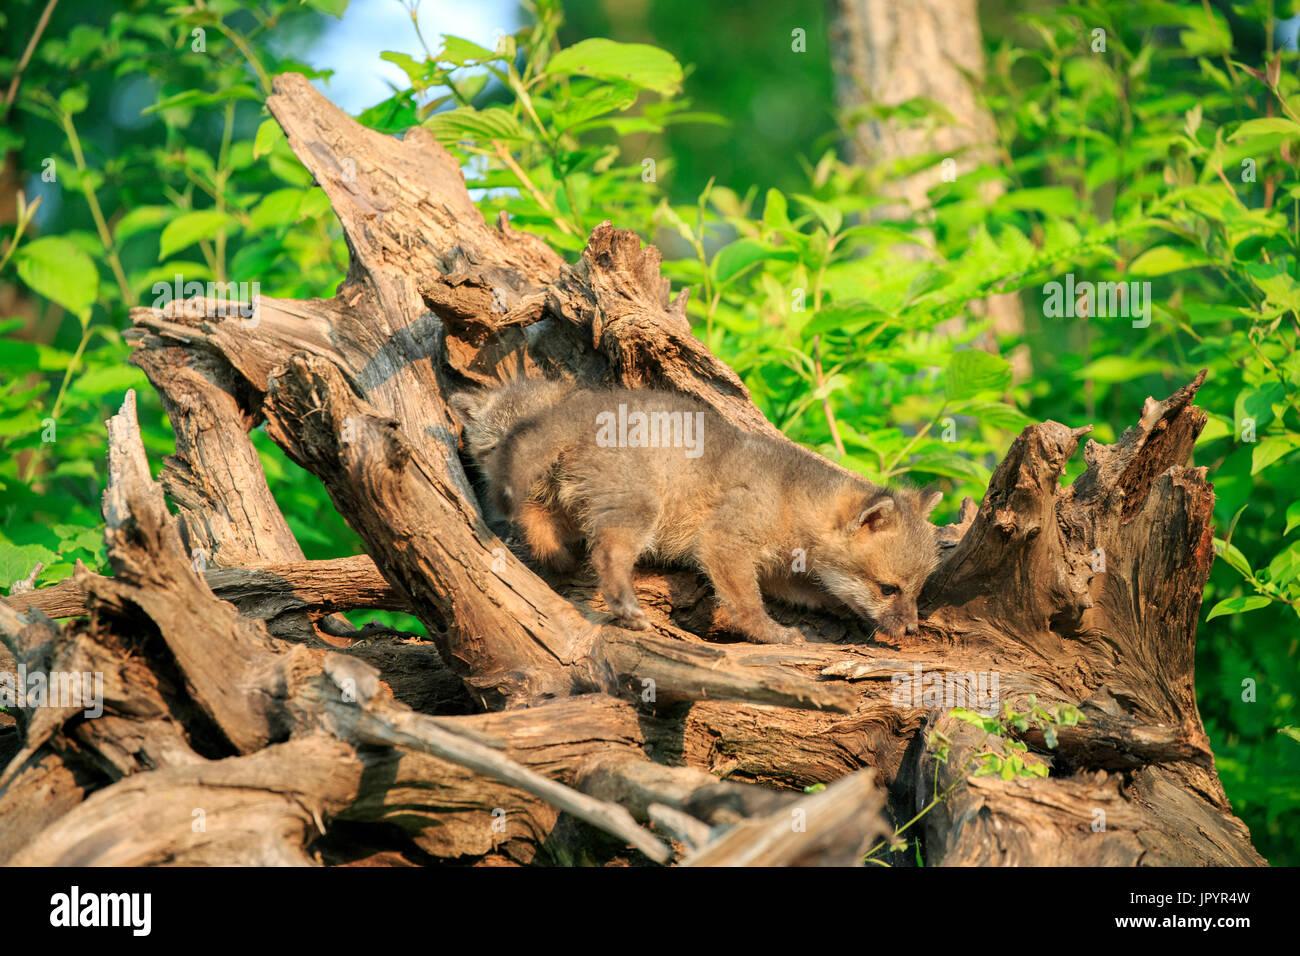 Young American gray foxes playing - Minnesota USA - Stock Image